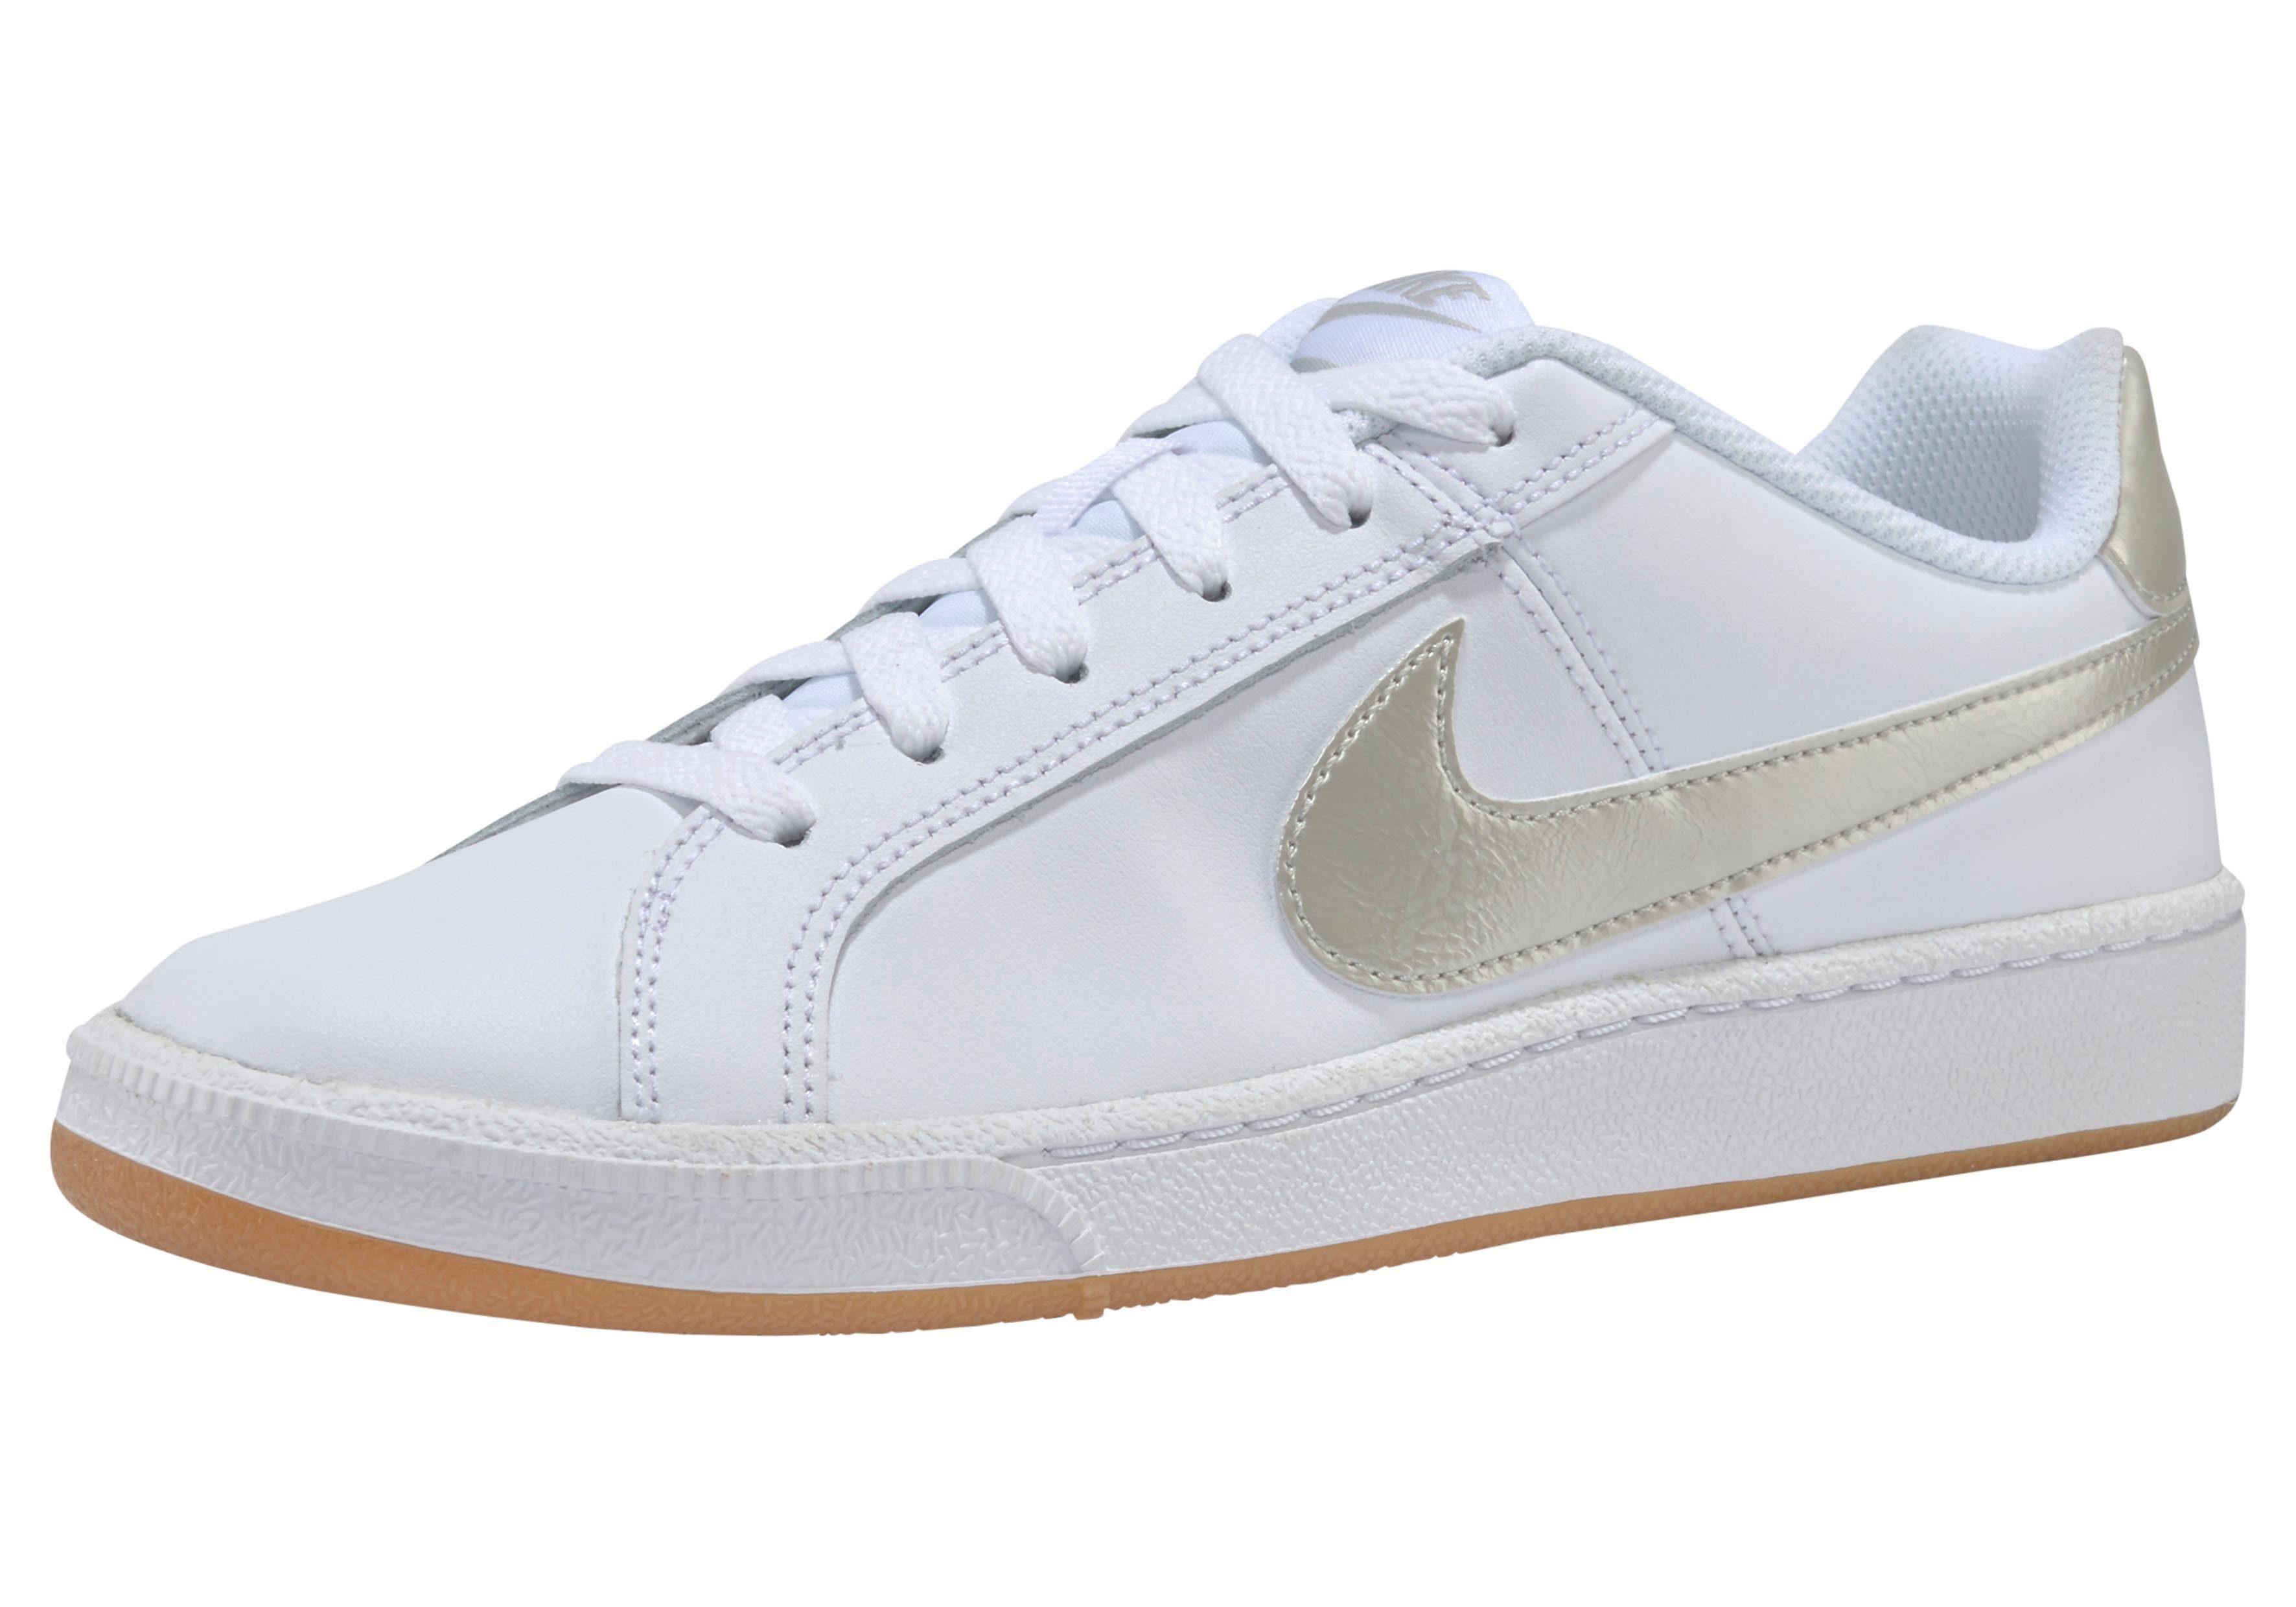 Nike Sportswear »Wmns Court Royale« Sneaker kaufen   OTTO